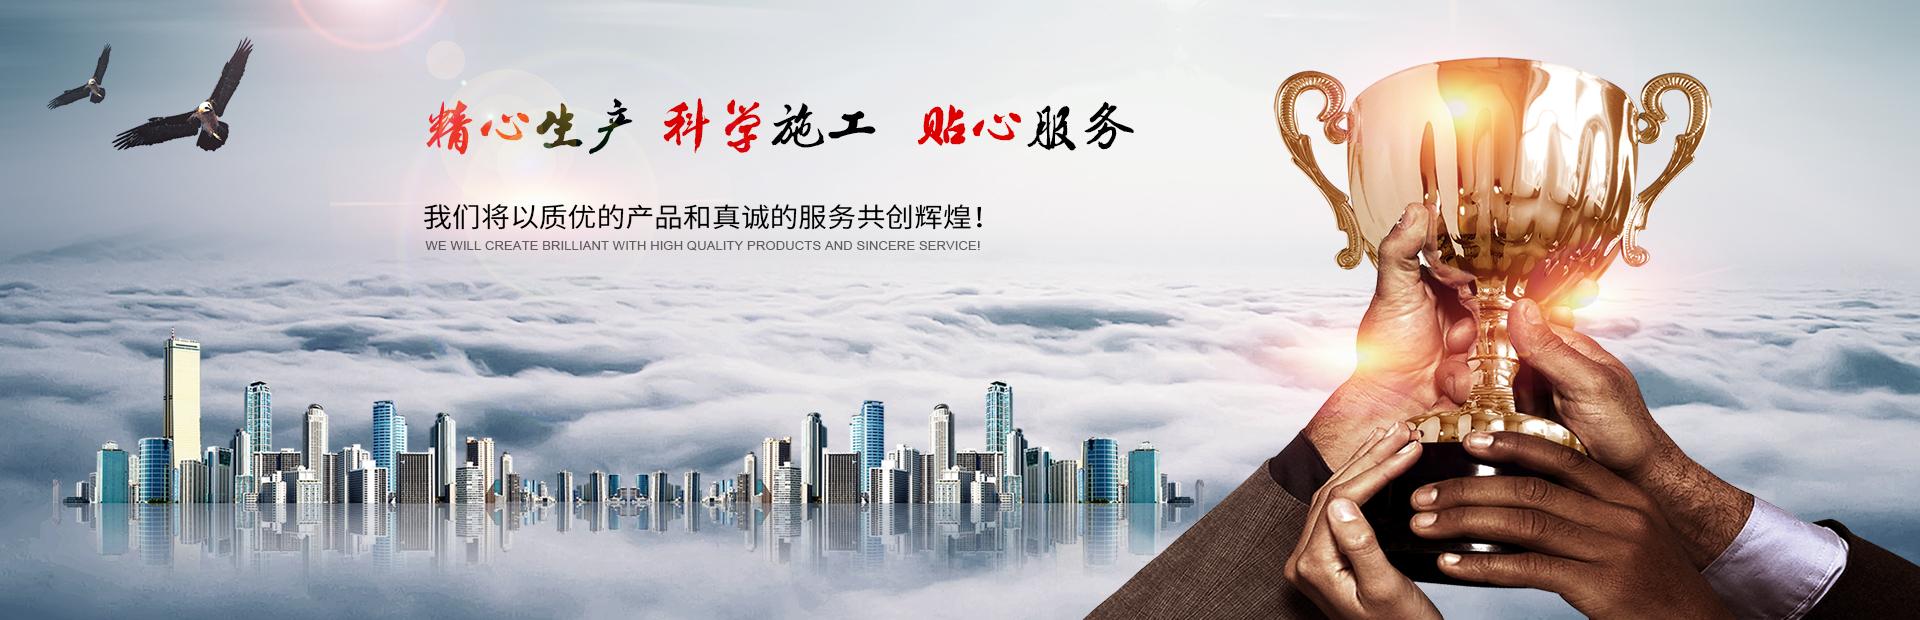 上海峰峦实业有限公司